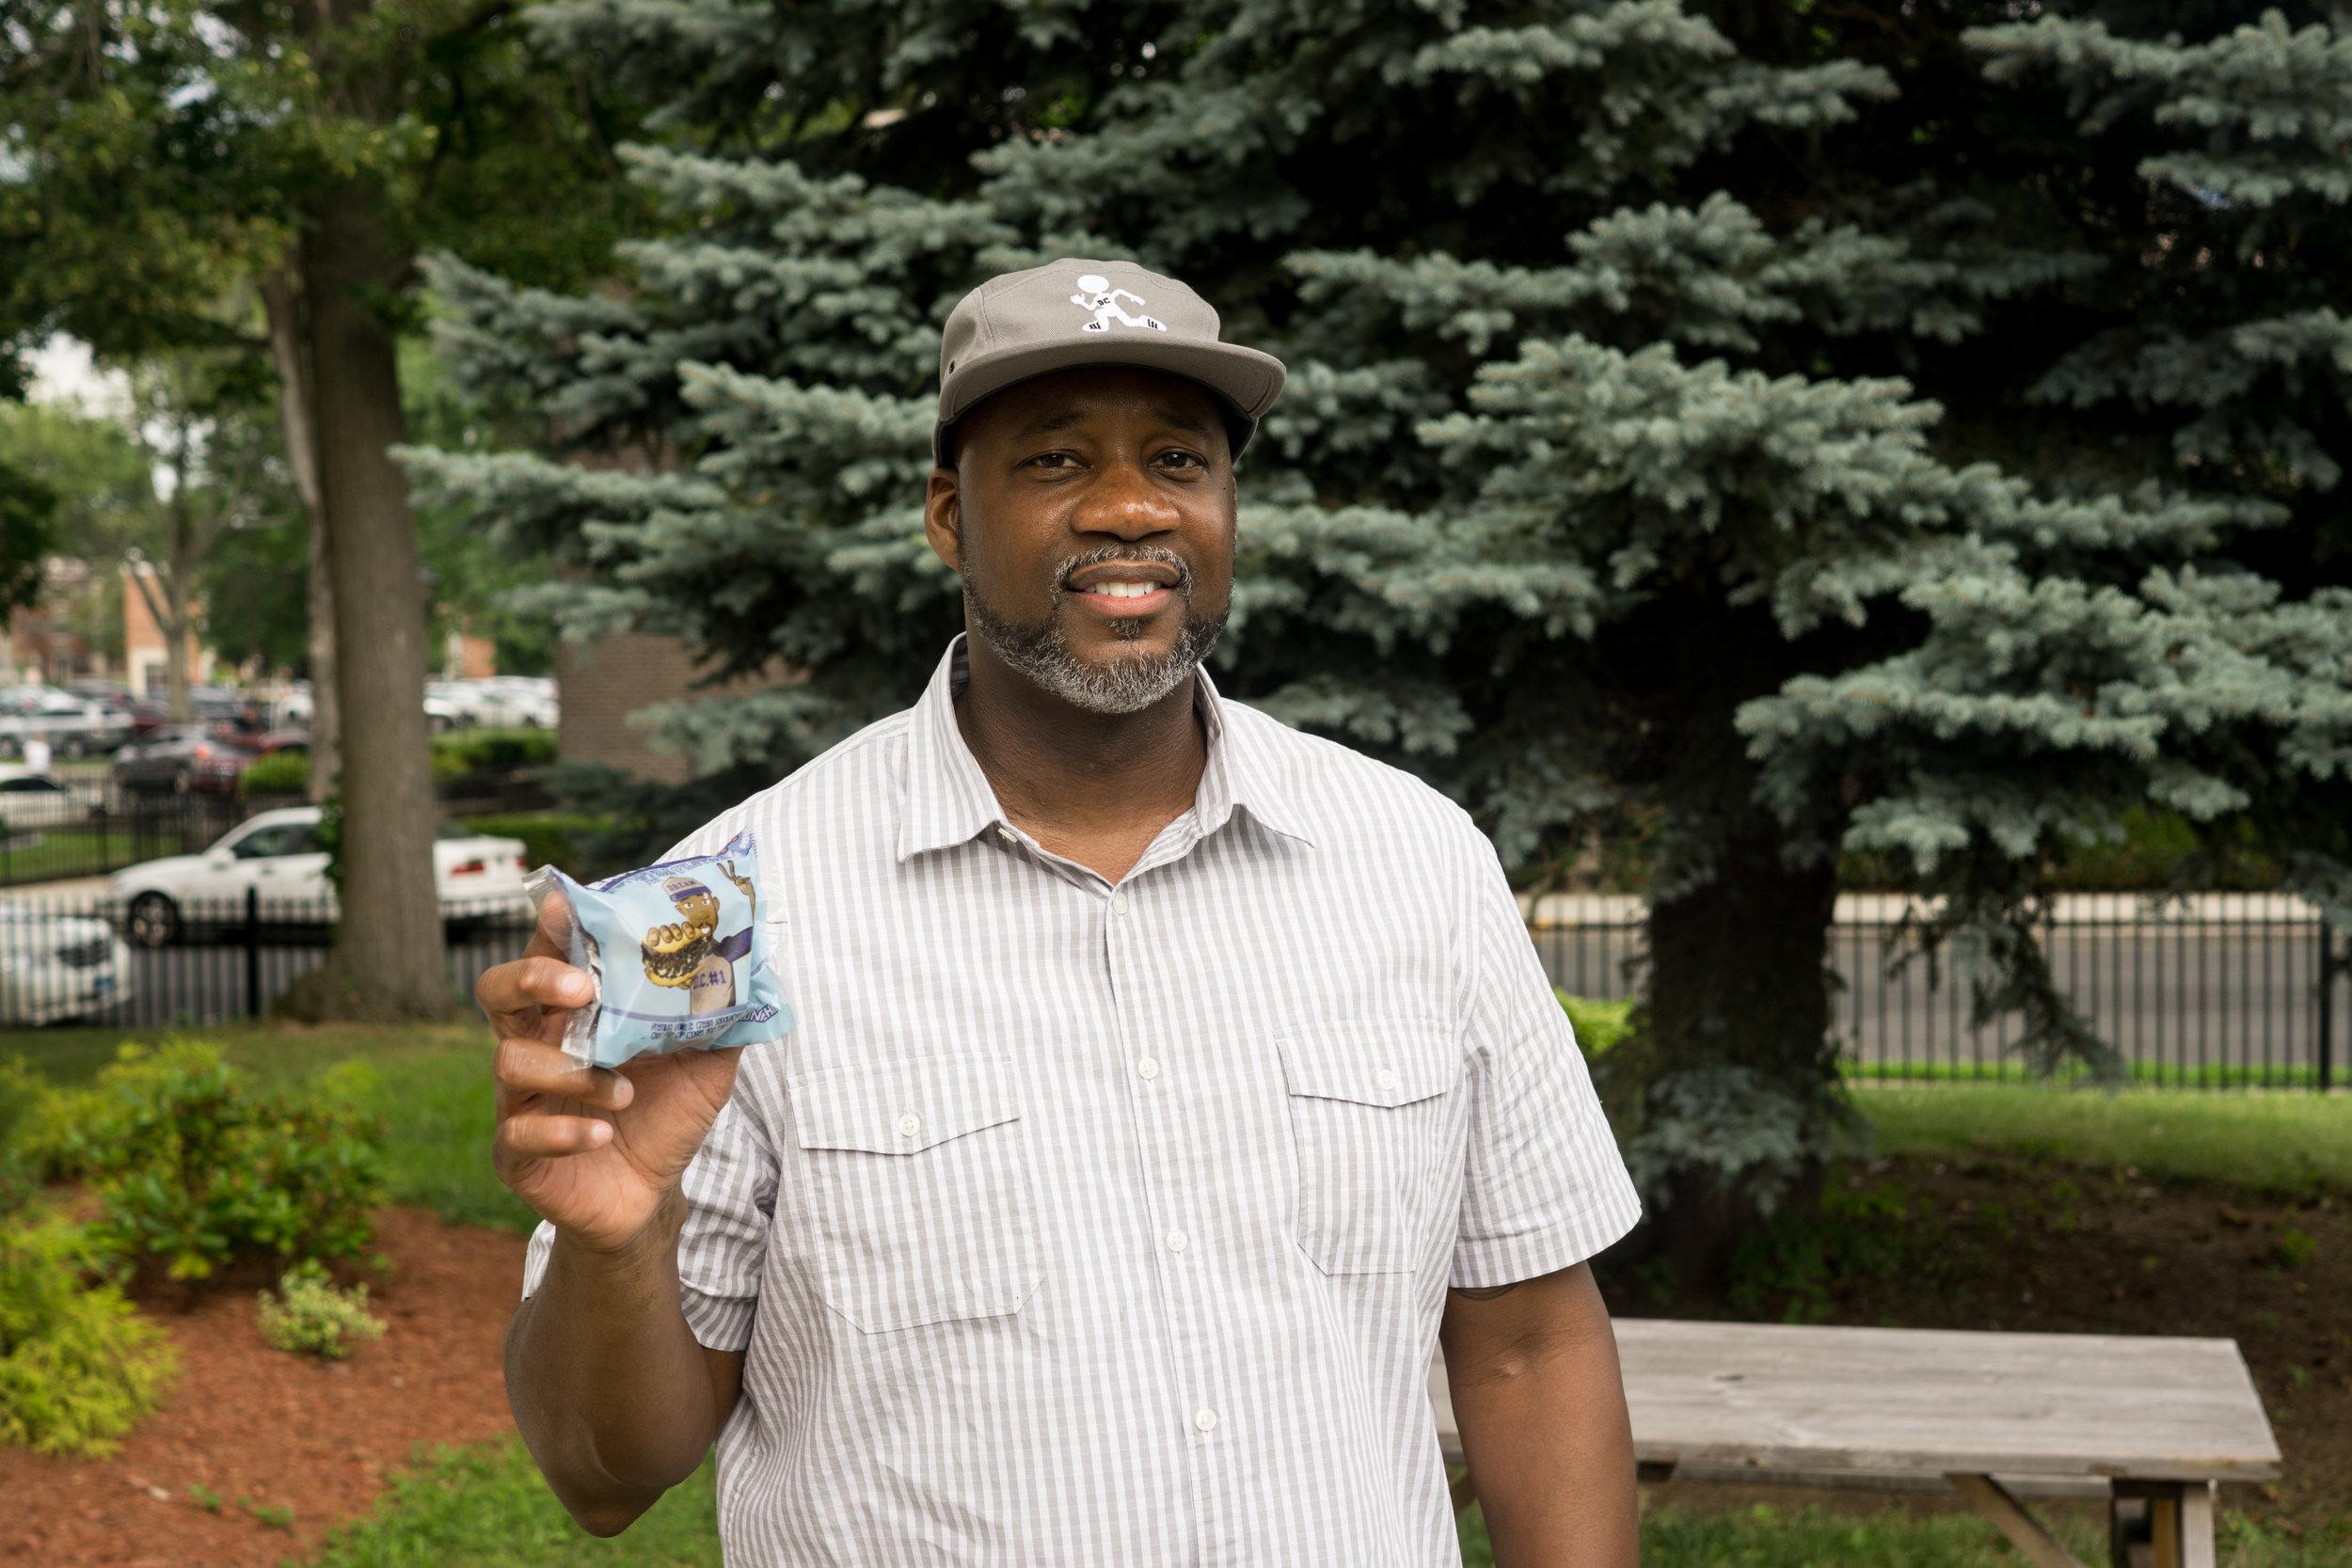 Ice Cream For A Dream Founder Abdul-Rahmaan Muhammad